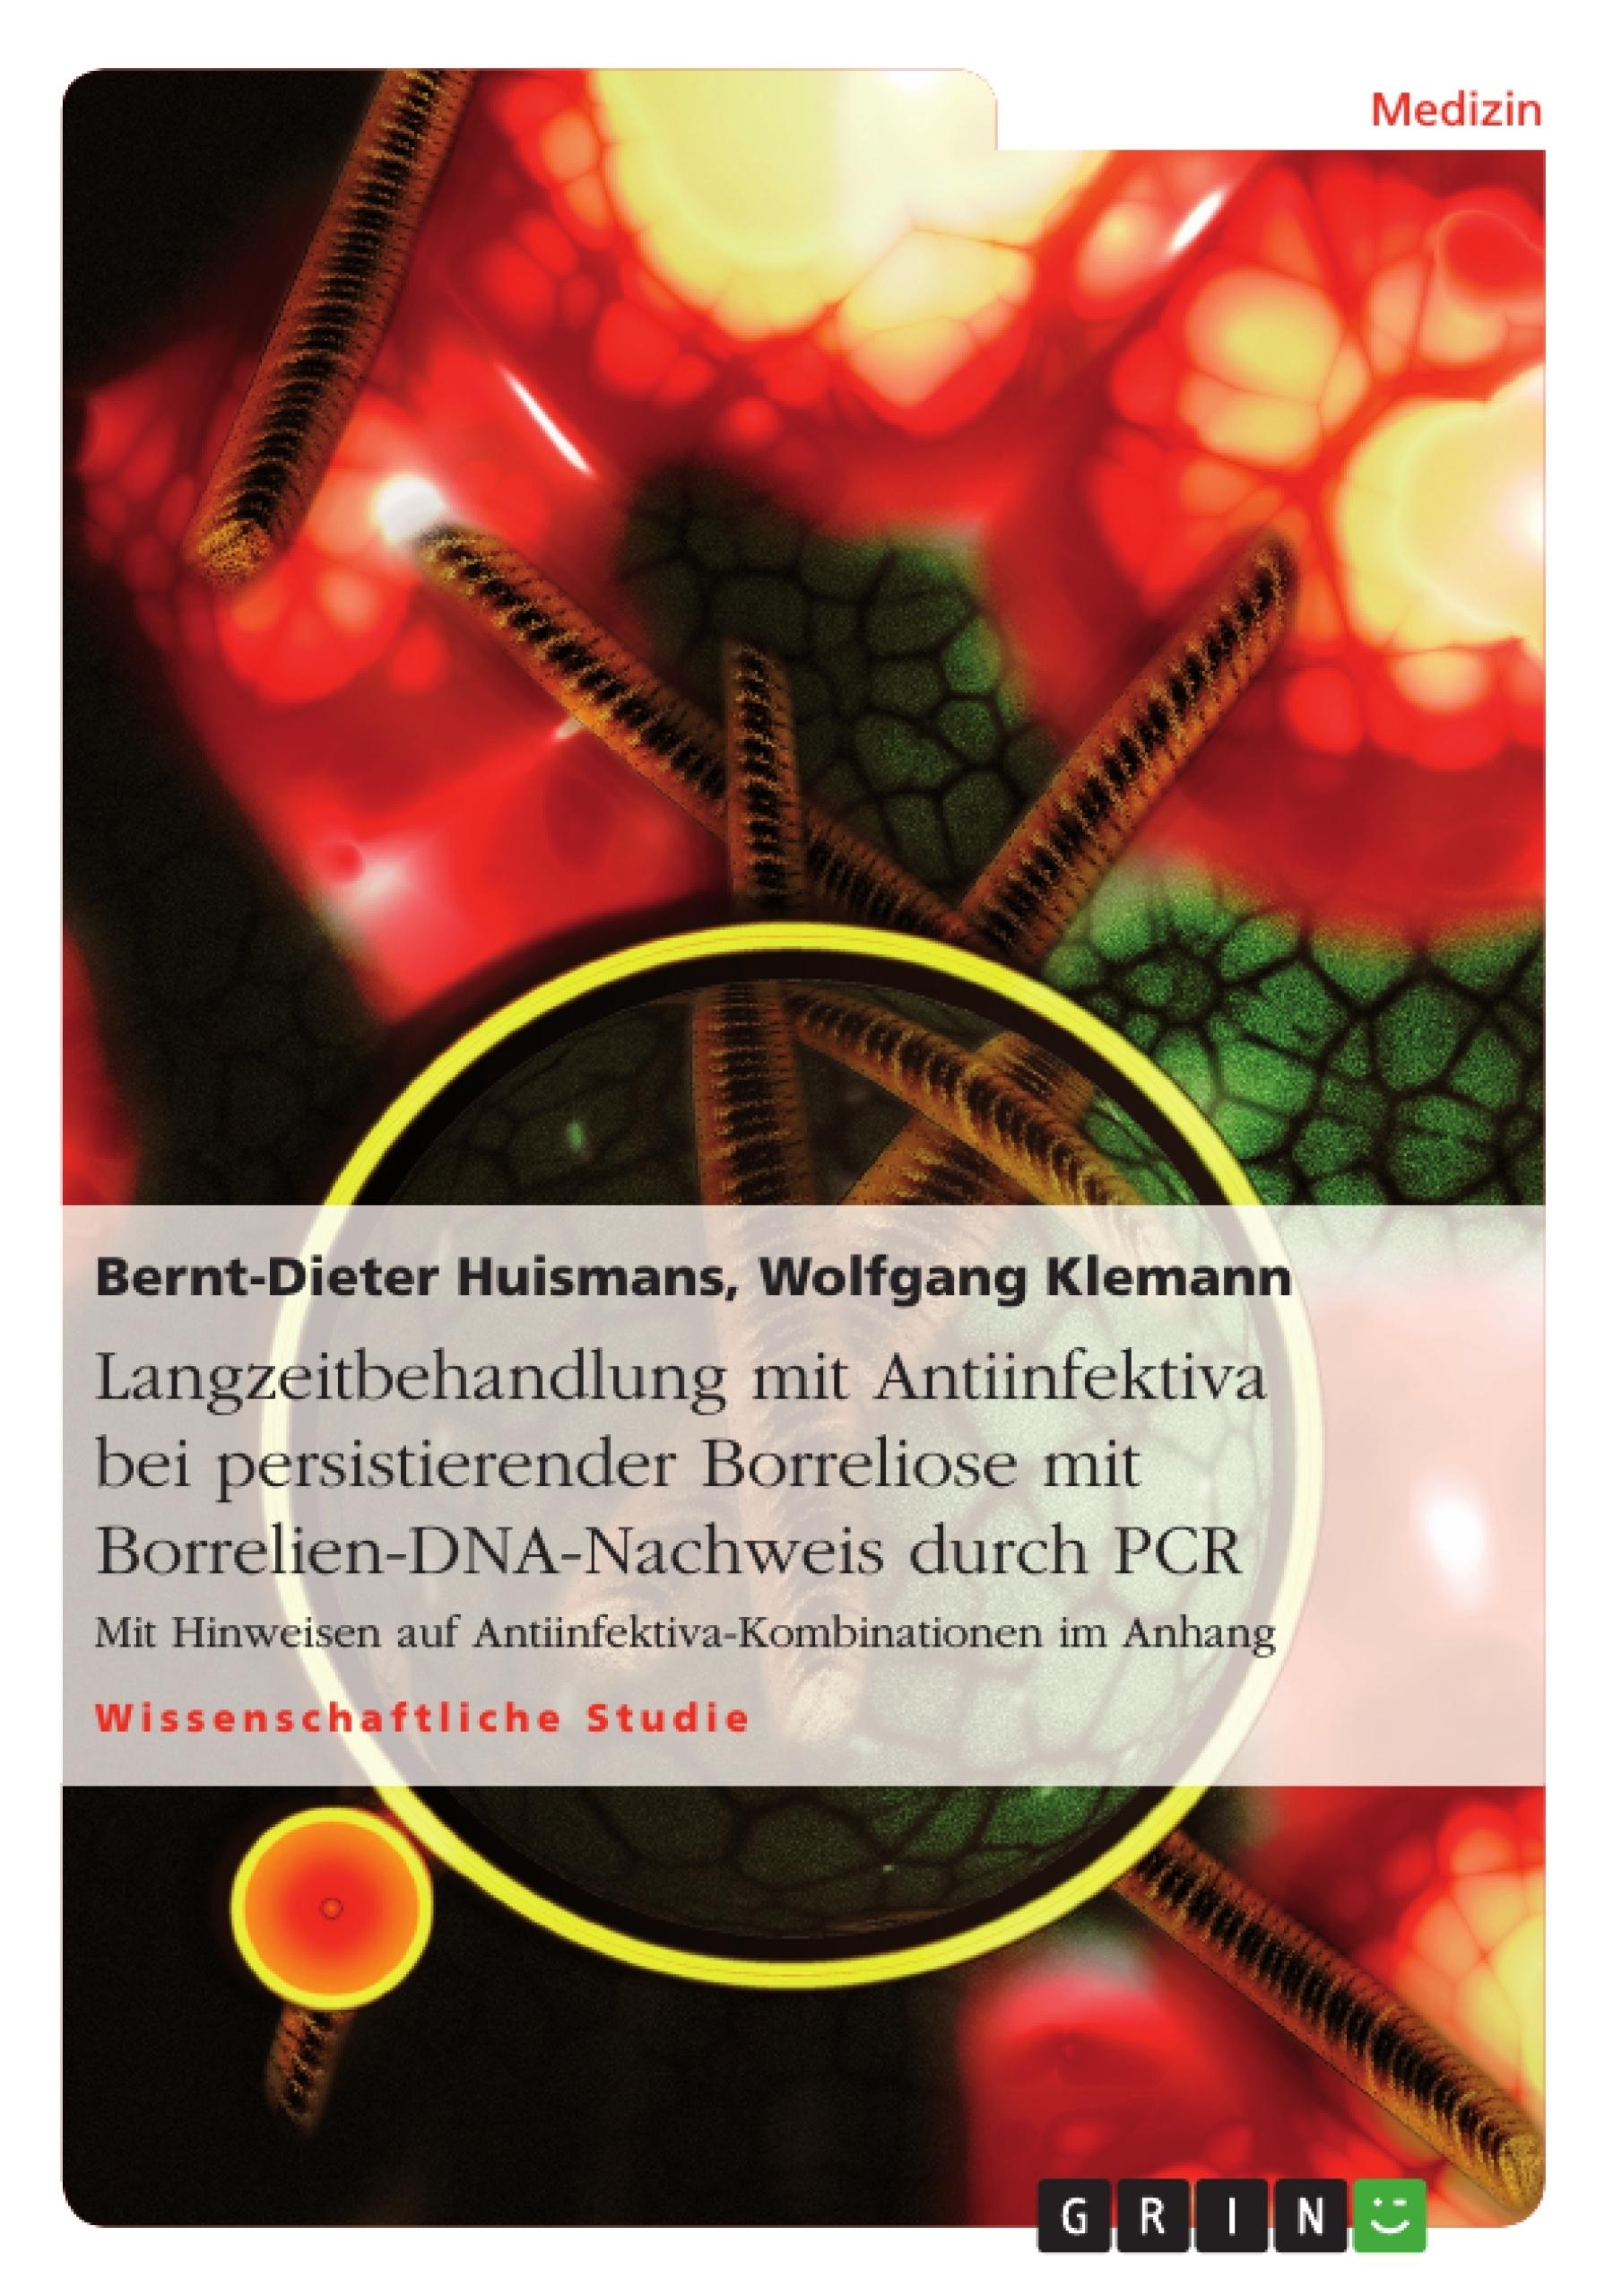 Titel: Langzeitbehandlung mit Antiinfektiva bei persistierender Borreliose mit Borrelien-DNA-Nachweis durch PCR